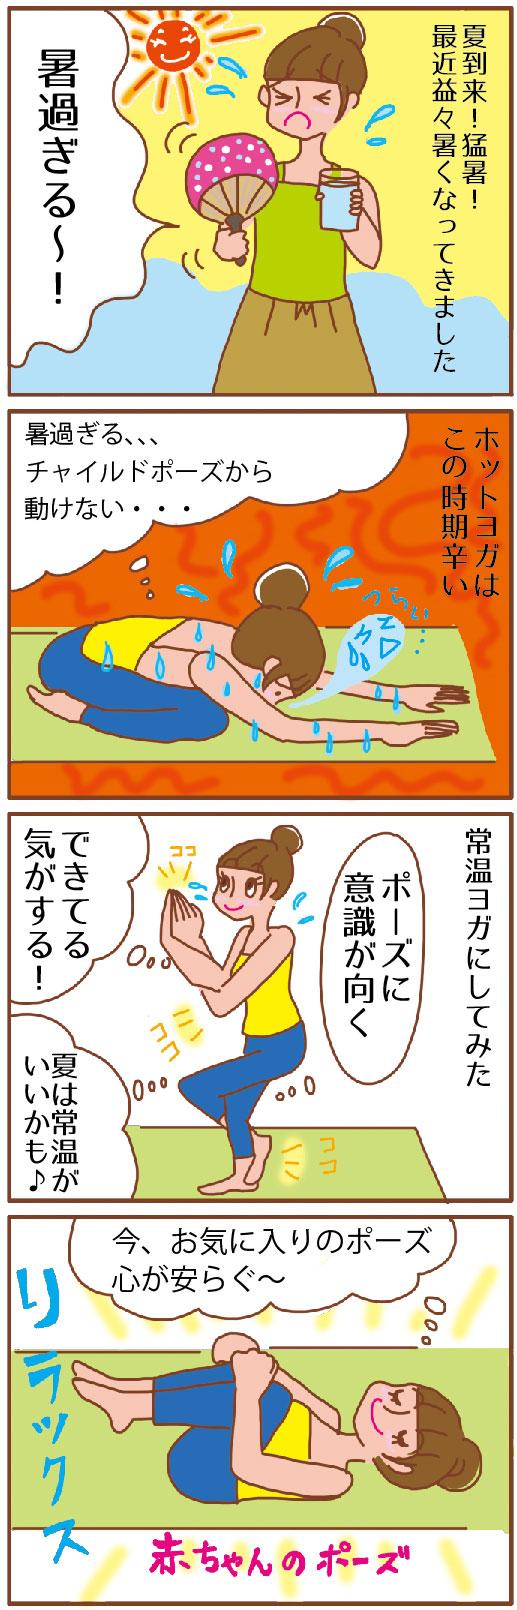 WEB @cosume BeautySpecialist「8ホットヨガ?常温ヨガ?」コラムマンガ,イラストルポ,ルポマンガ,体験漫画